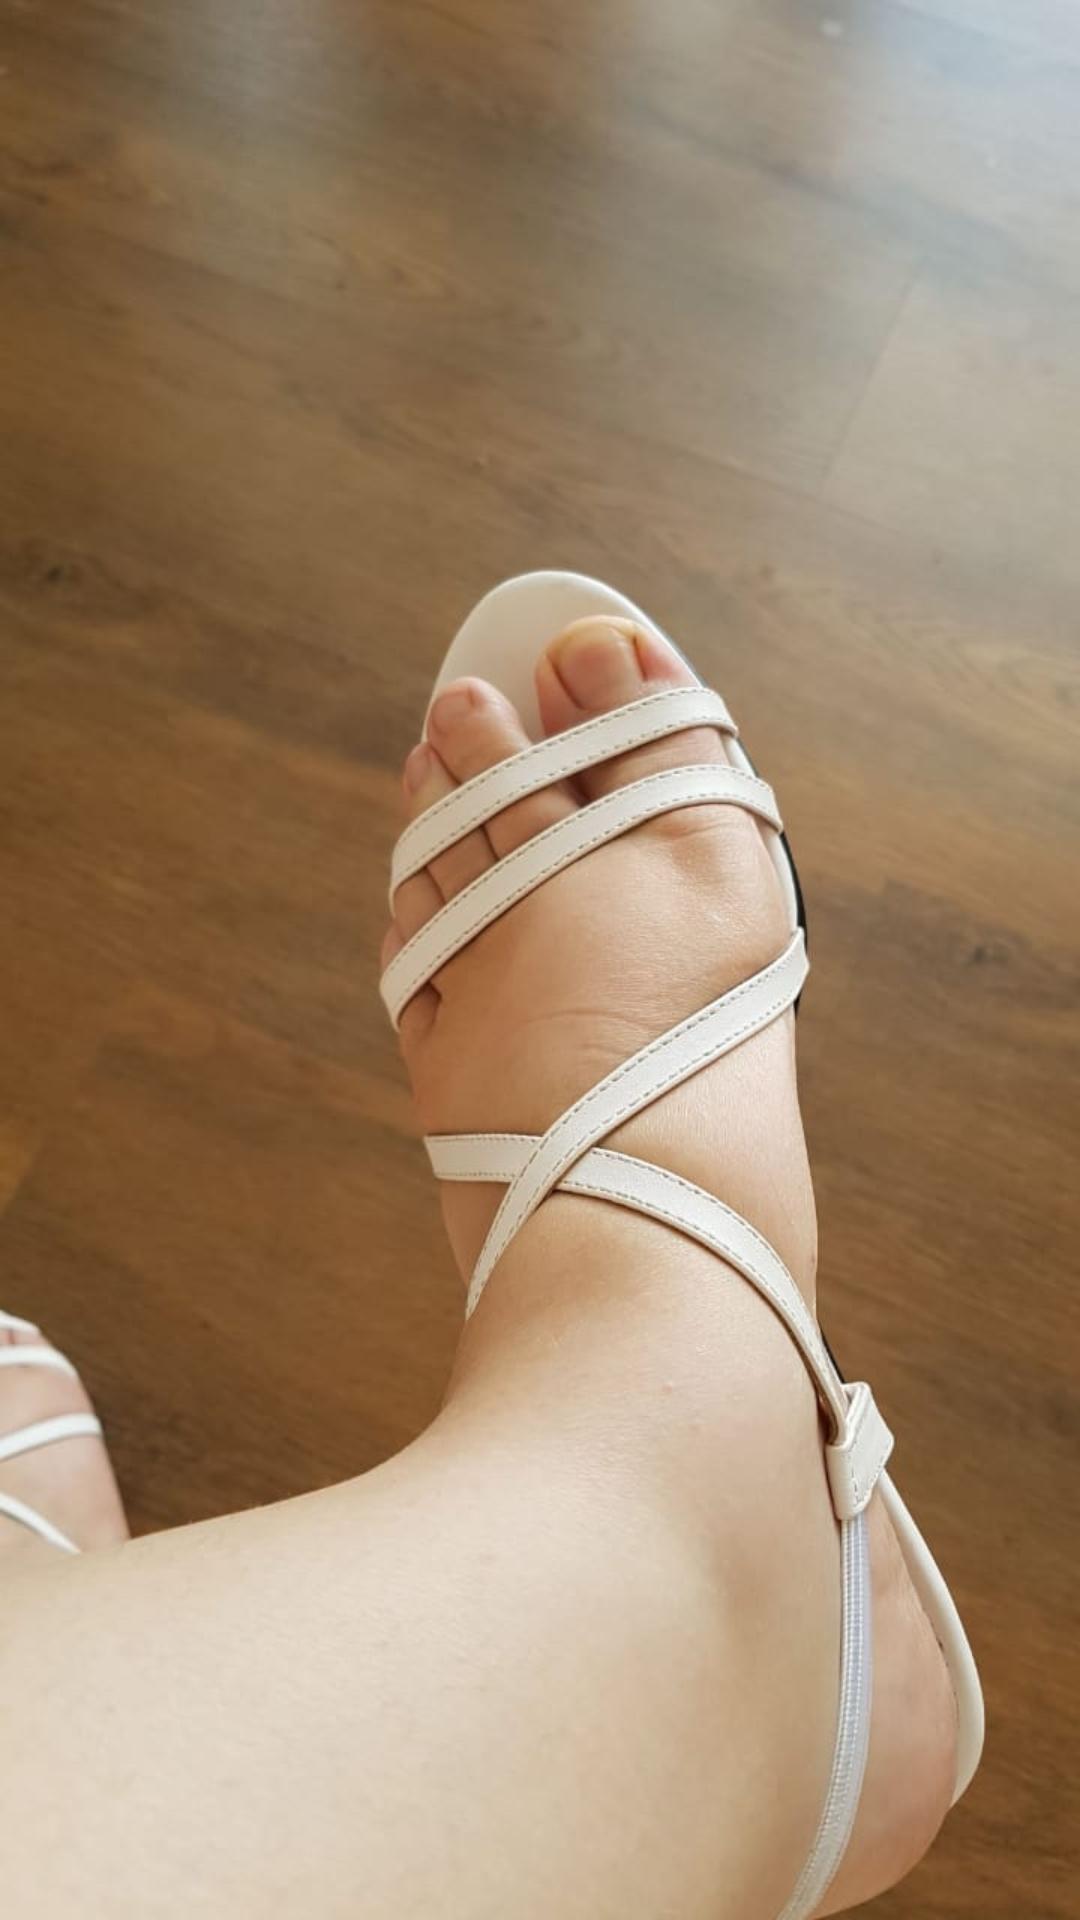 Sandalen Sandalen In Füsseschuhe Schneiden Schneiden Die Füsseschuhe Die Sandalen In Schneiden 1JcTF3Kul